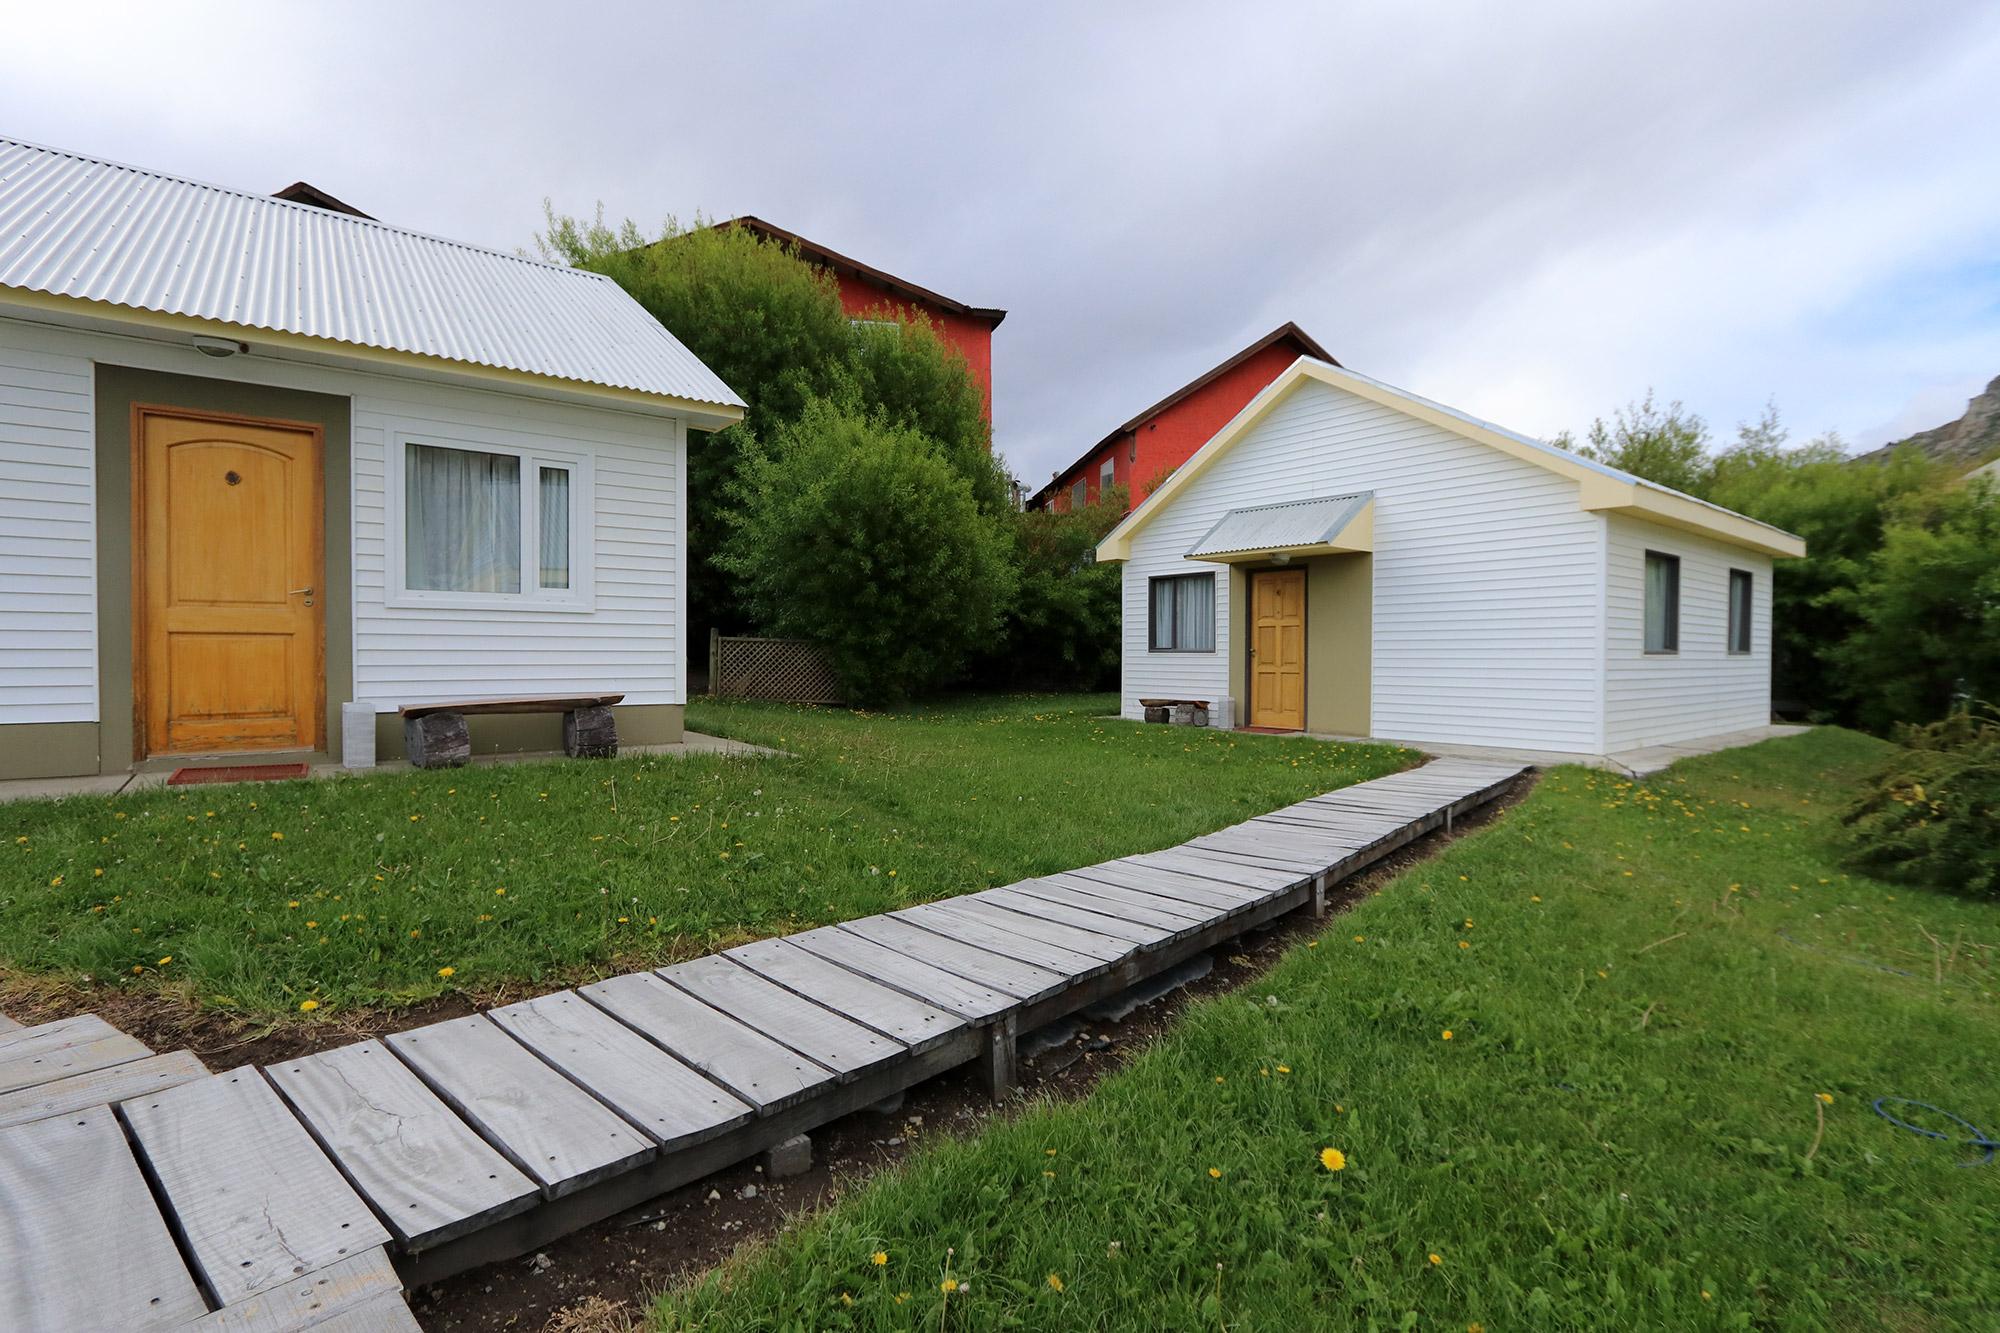 Reisverslag Patagonië - Airbnb in El Chaltén